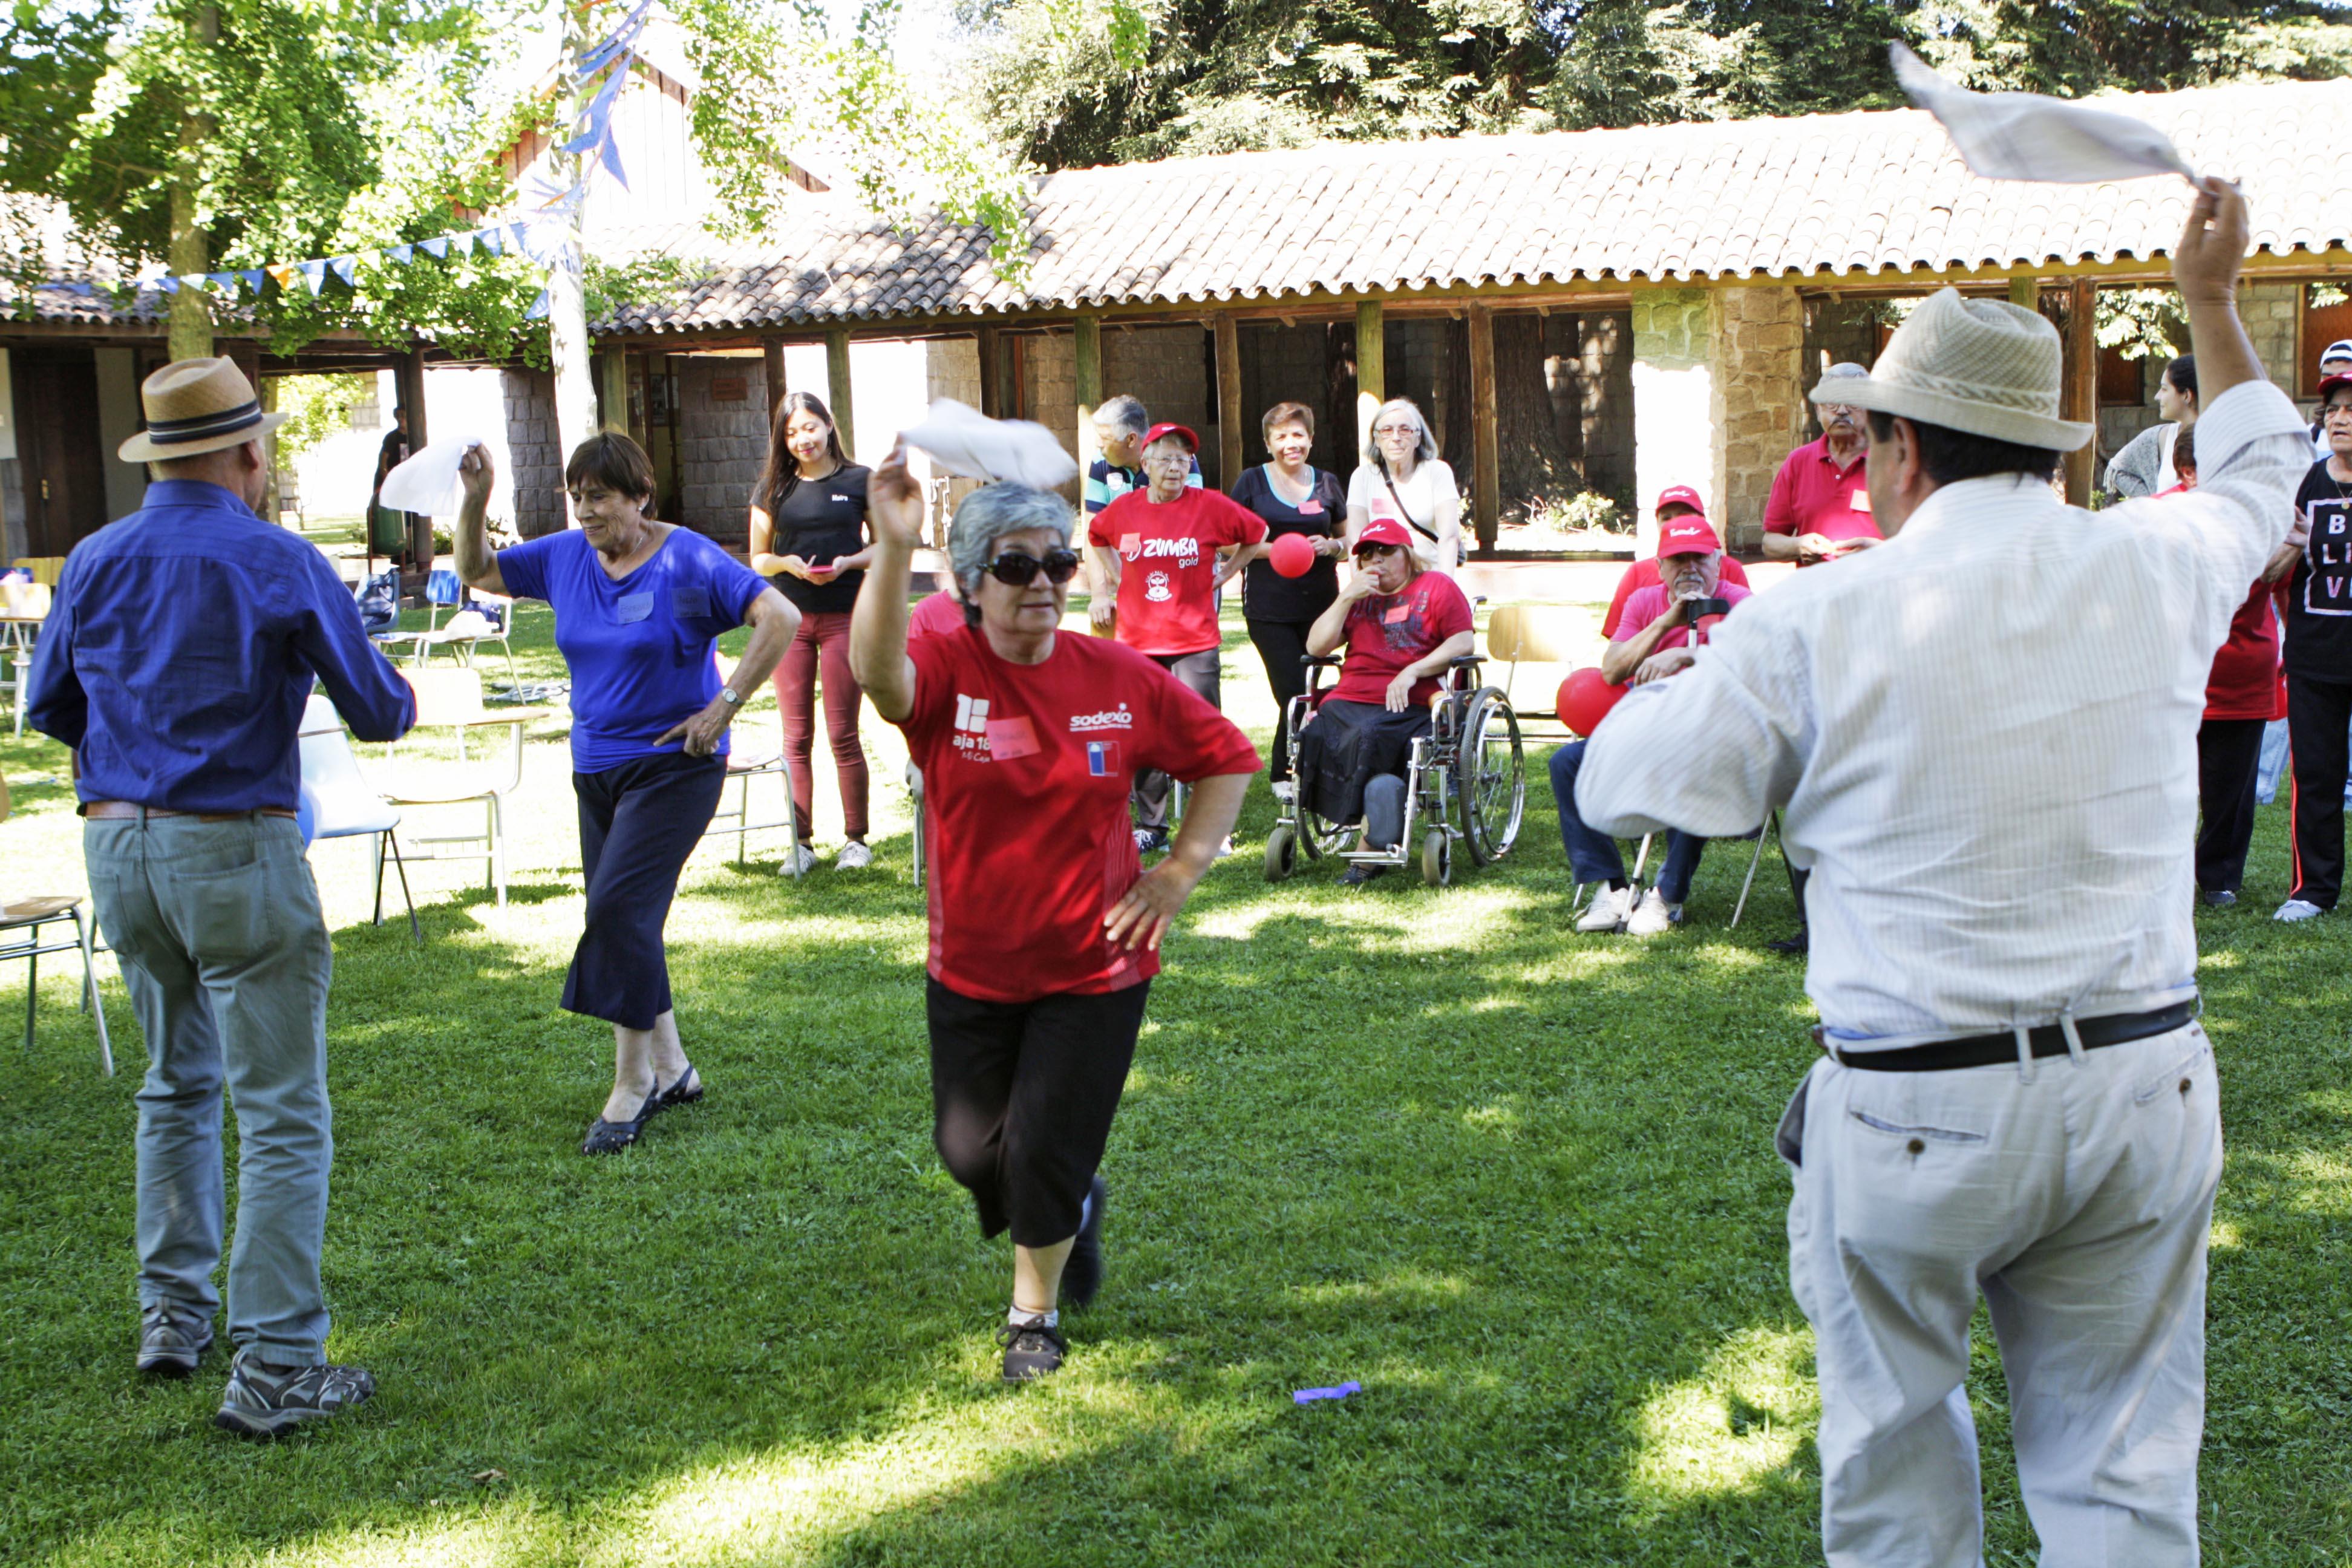 Adultos mayores disfrutaron en Olimpiadas  organizadas por estudiantes UCM